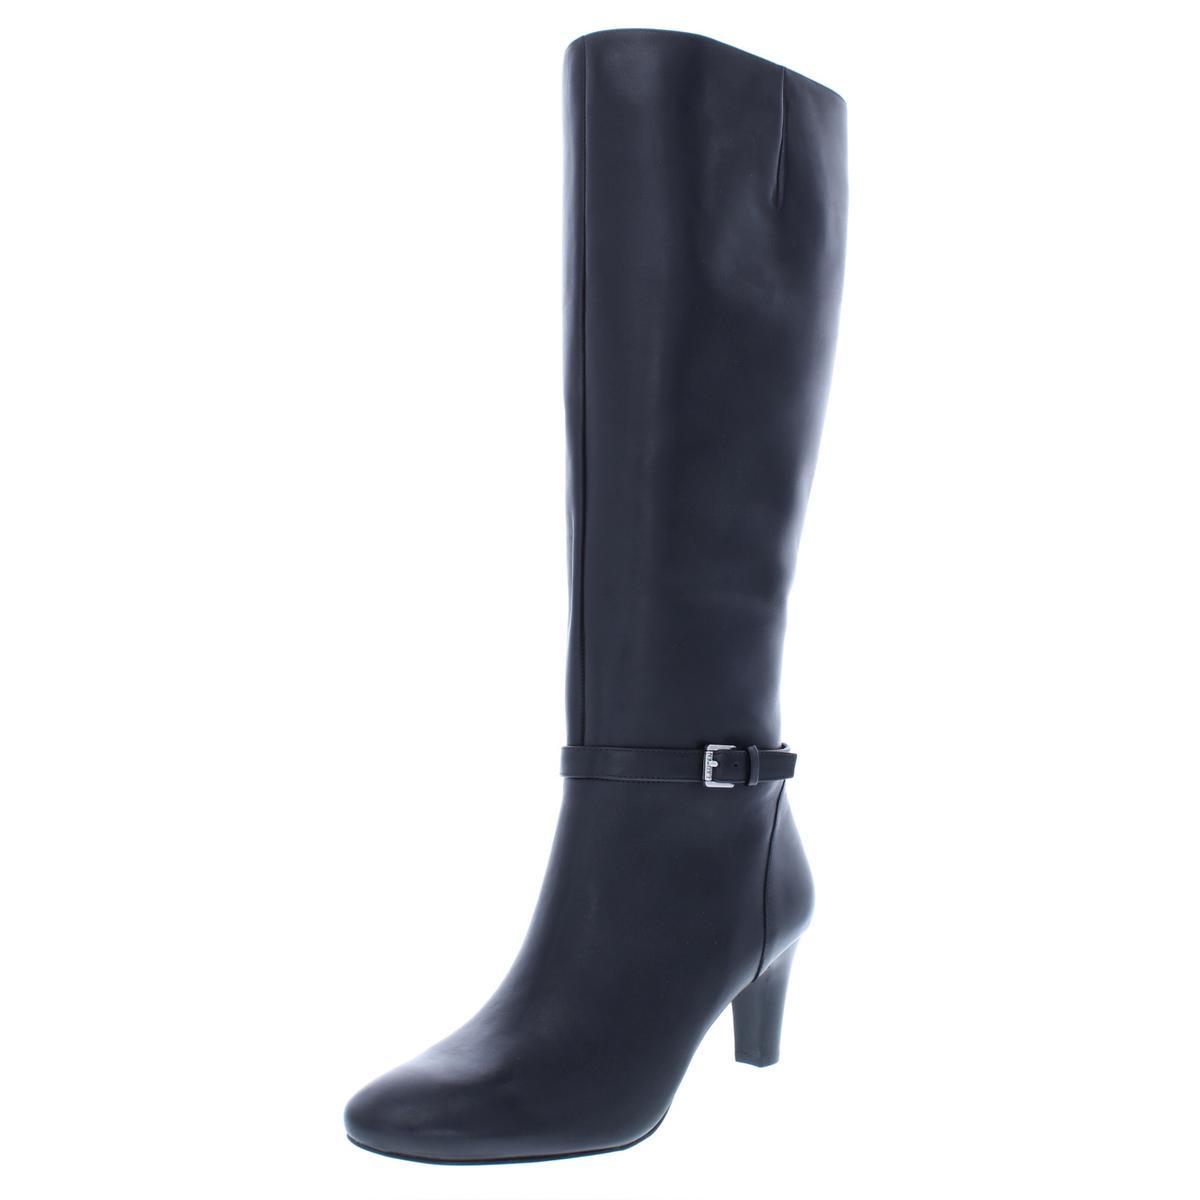 Lauren Lauren Lauren Ralph Lauren Damenschuhe Sandie Leder Buckle Knee-High Stiefel Heels BHFO 0256 230df3